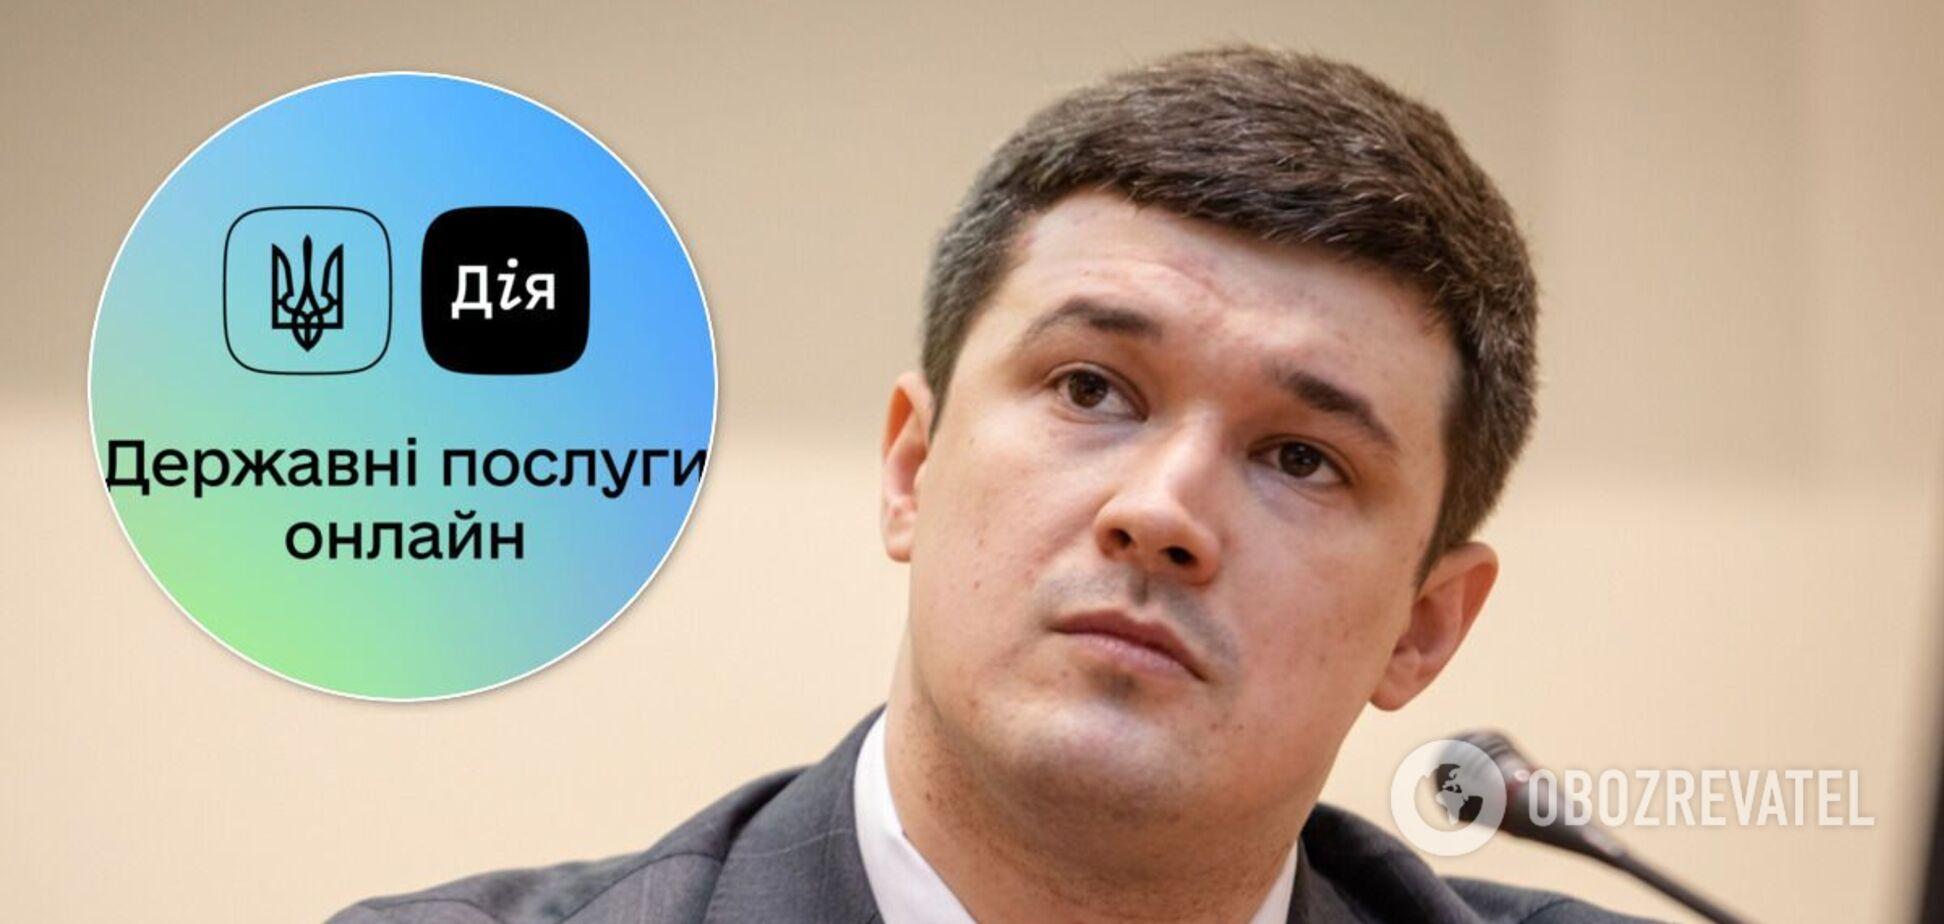 Федоров виступив за повну відсутність держпослуг офлайн